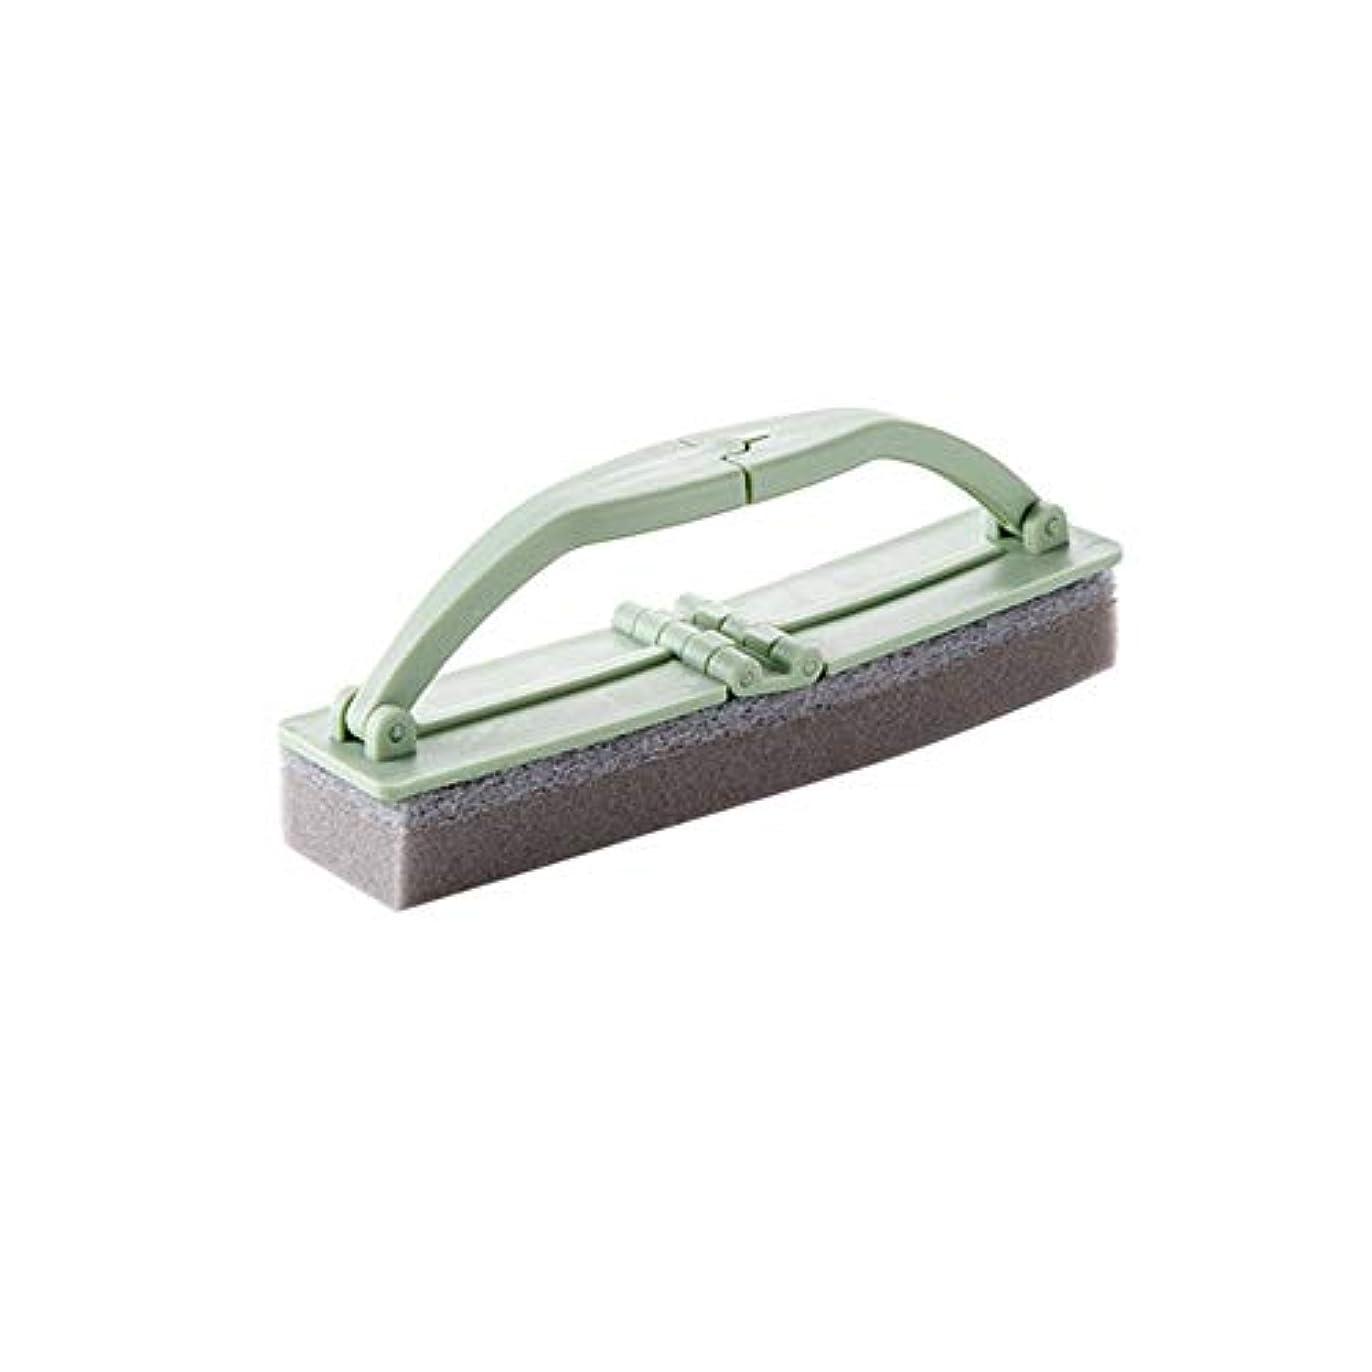 吸収剤誇大妄想採用するポアクリーニング 折りたたみ式の浴室スポンジハンドル付き強力な汚染除去タイルクリーニングスポンジブラシ2 PCS マッサージブラシ (色 : 緑)